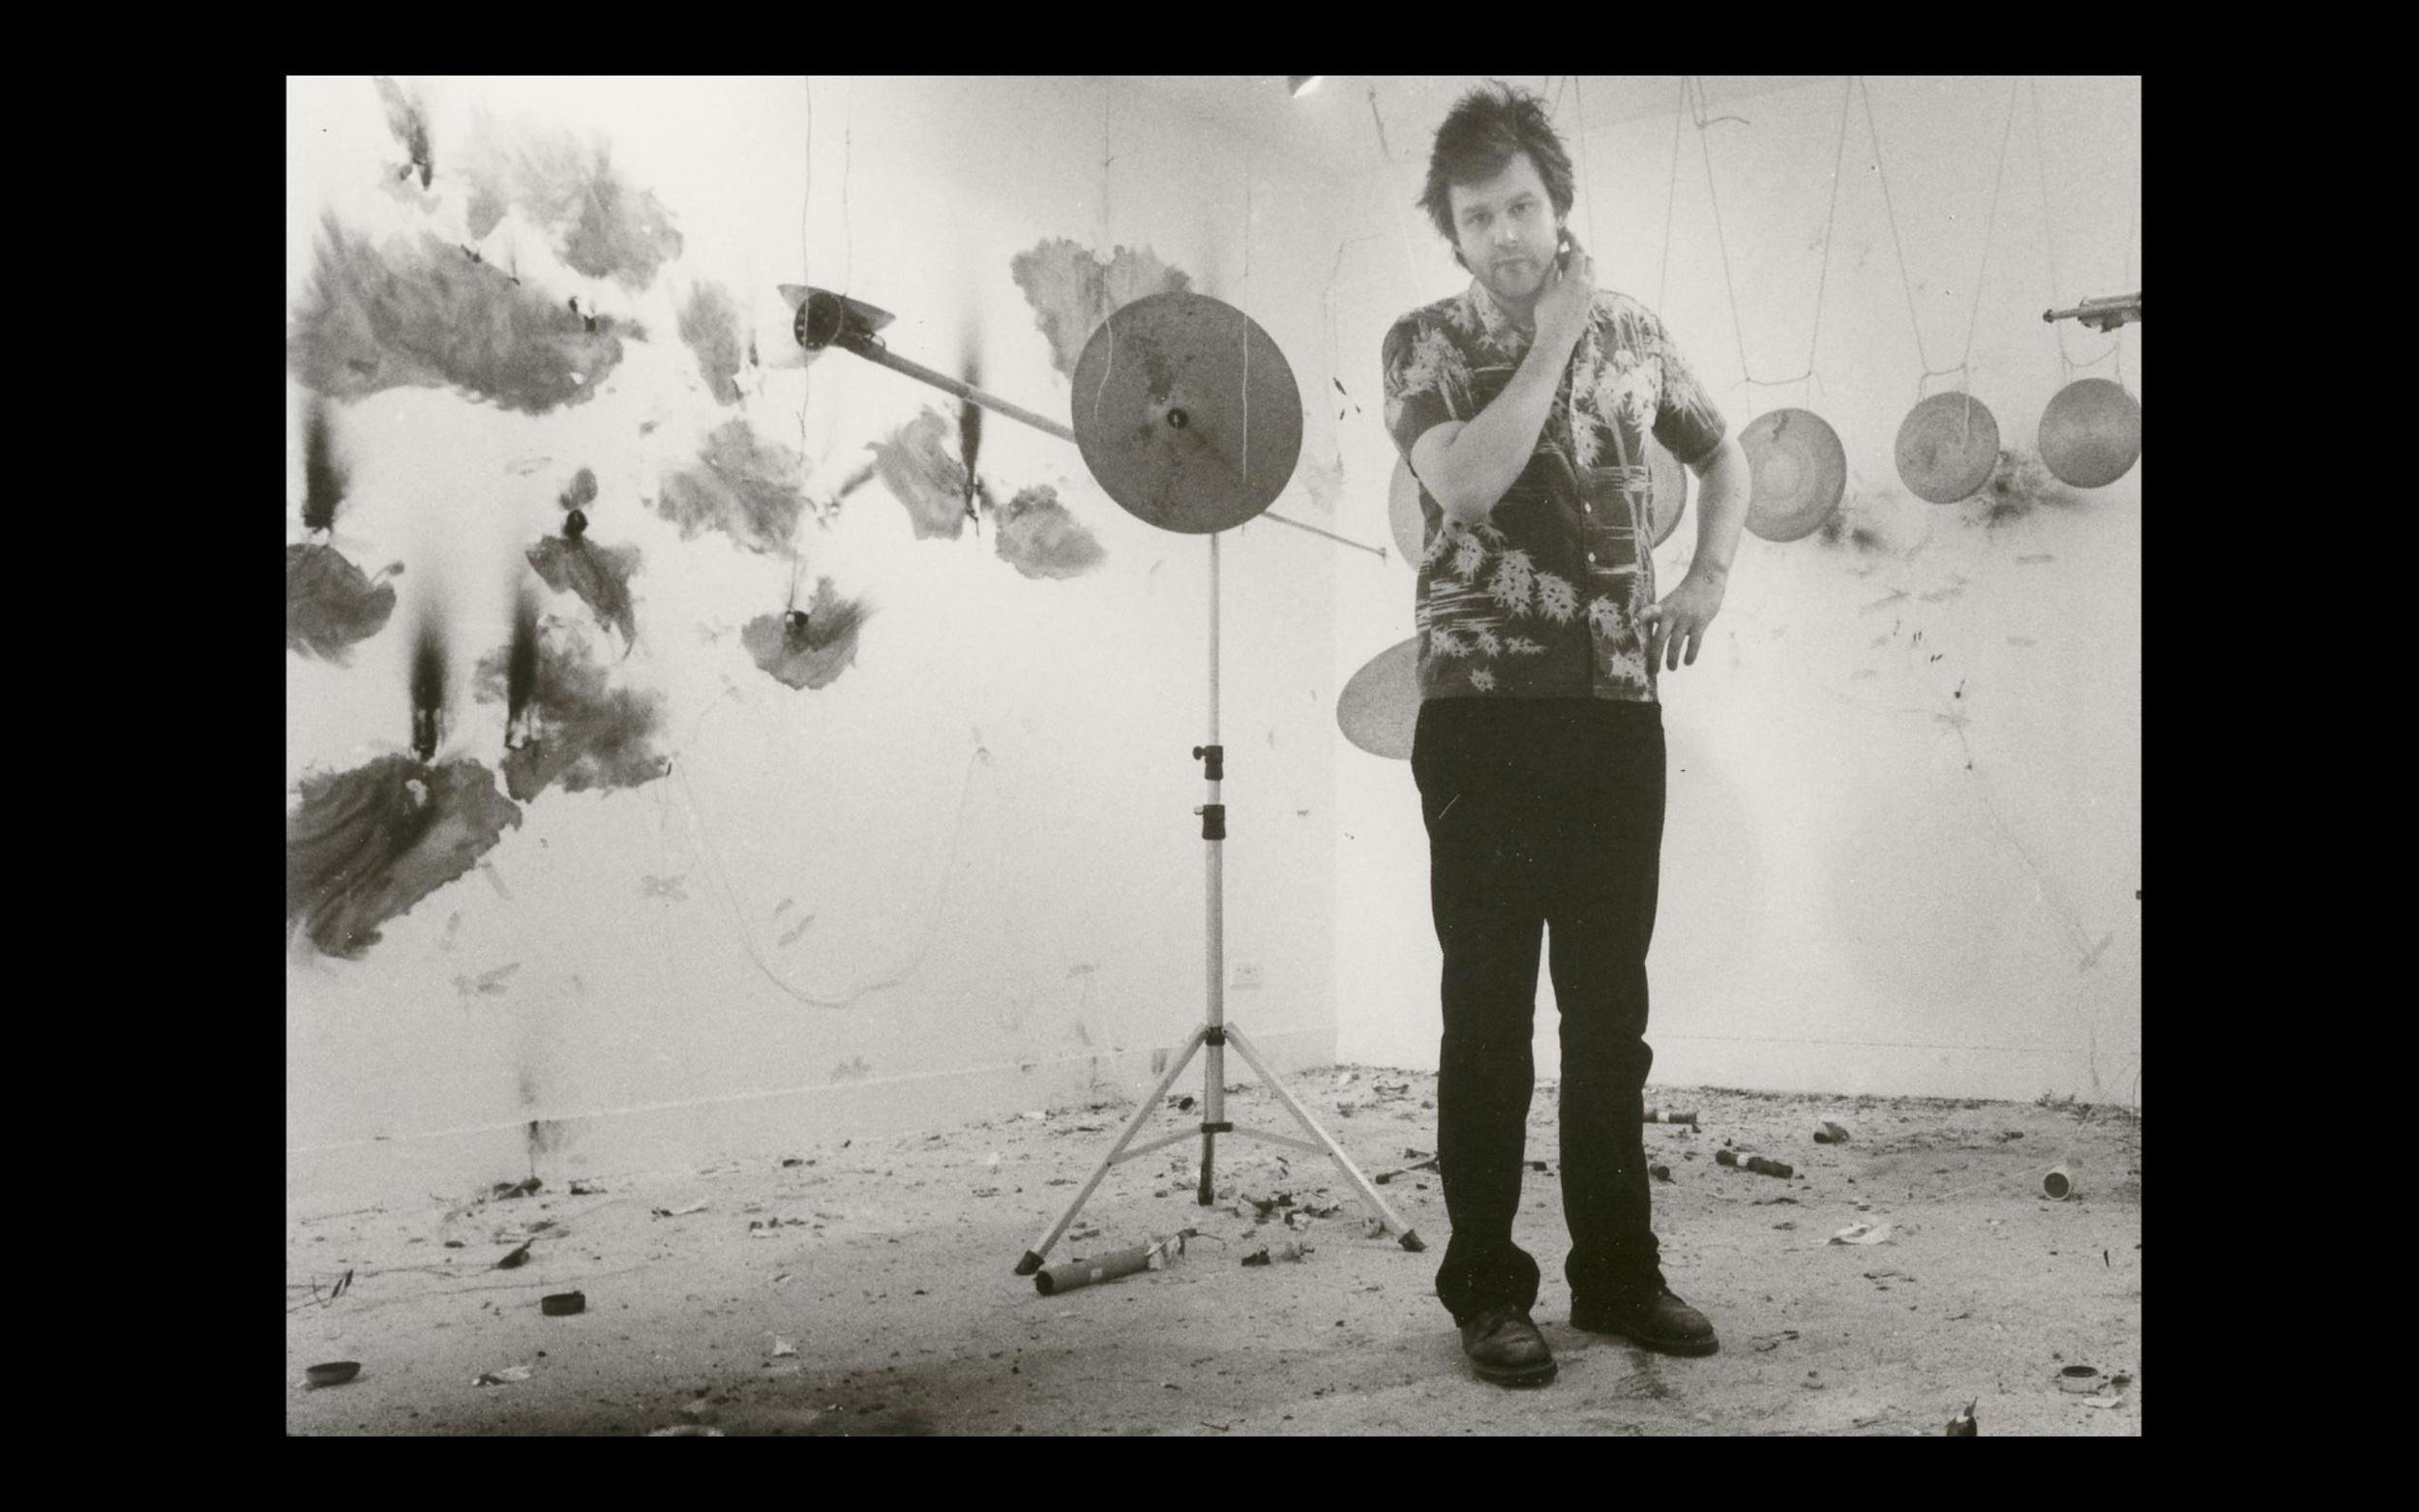 The artist Stephen Cripps in William Raban's  72-82  (2014)